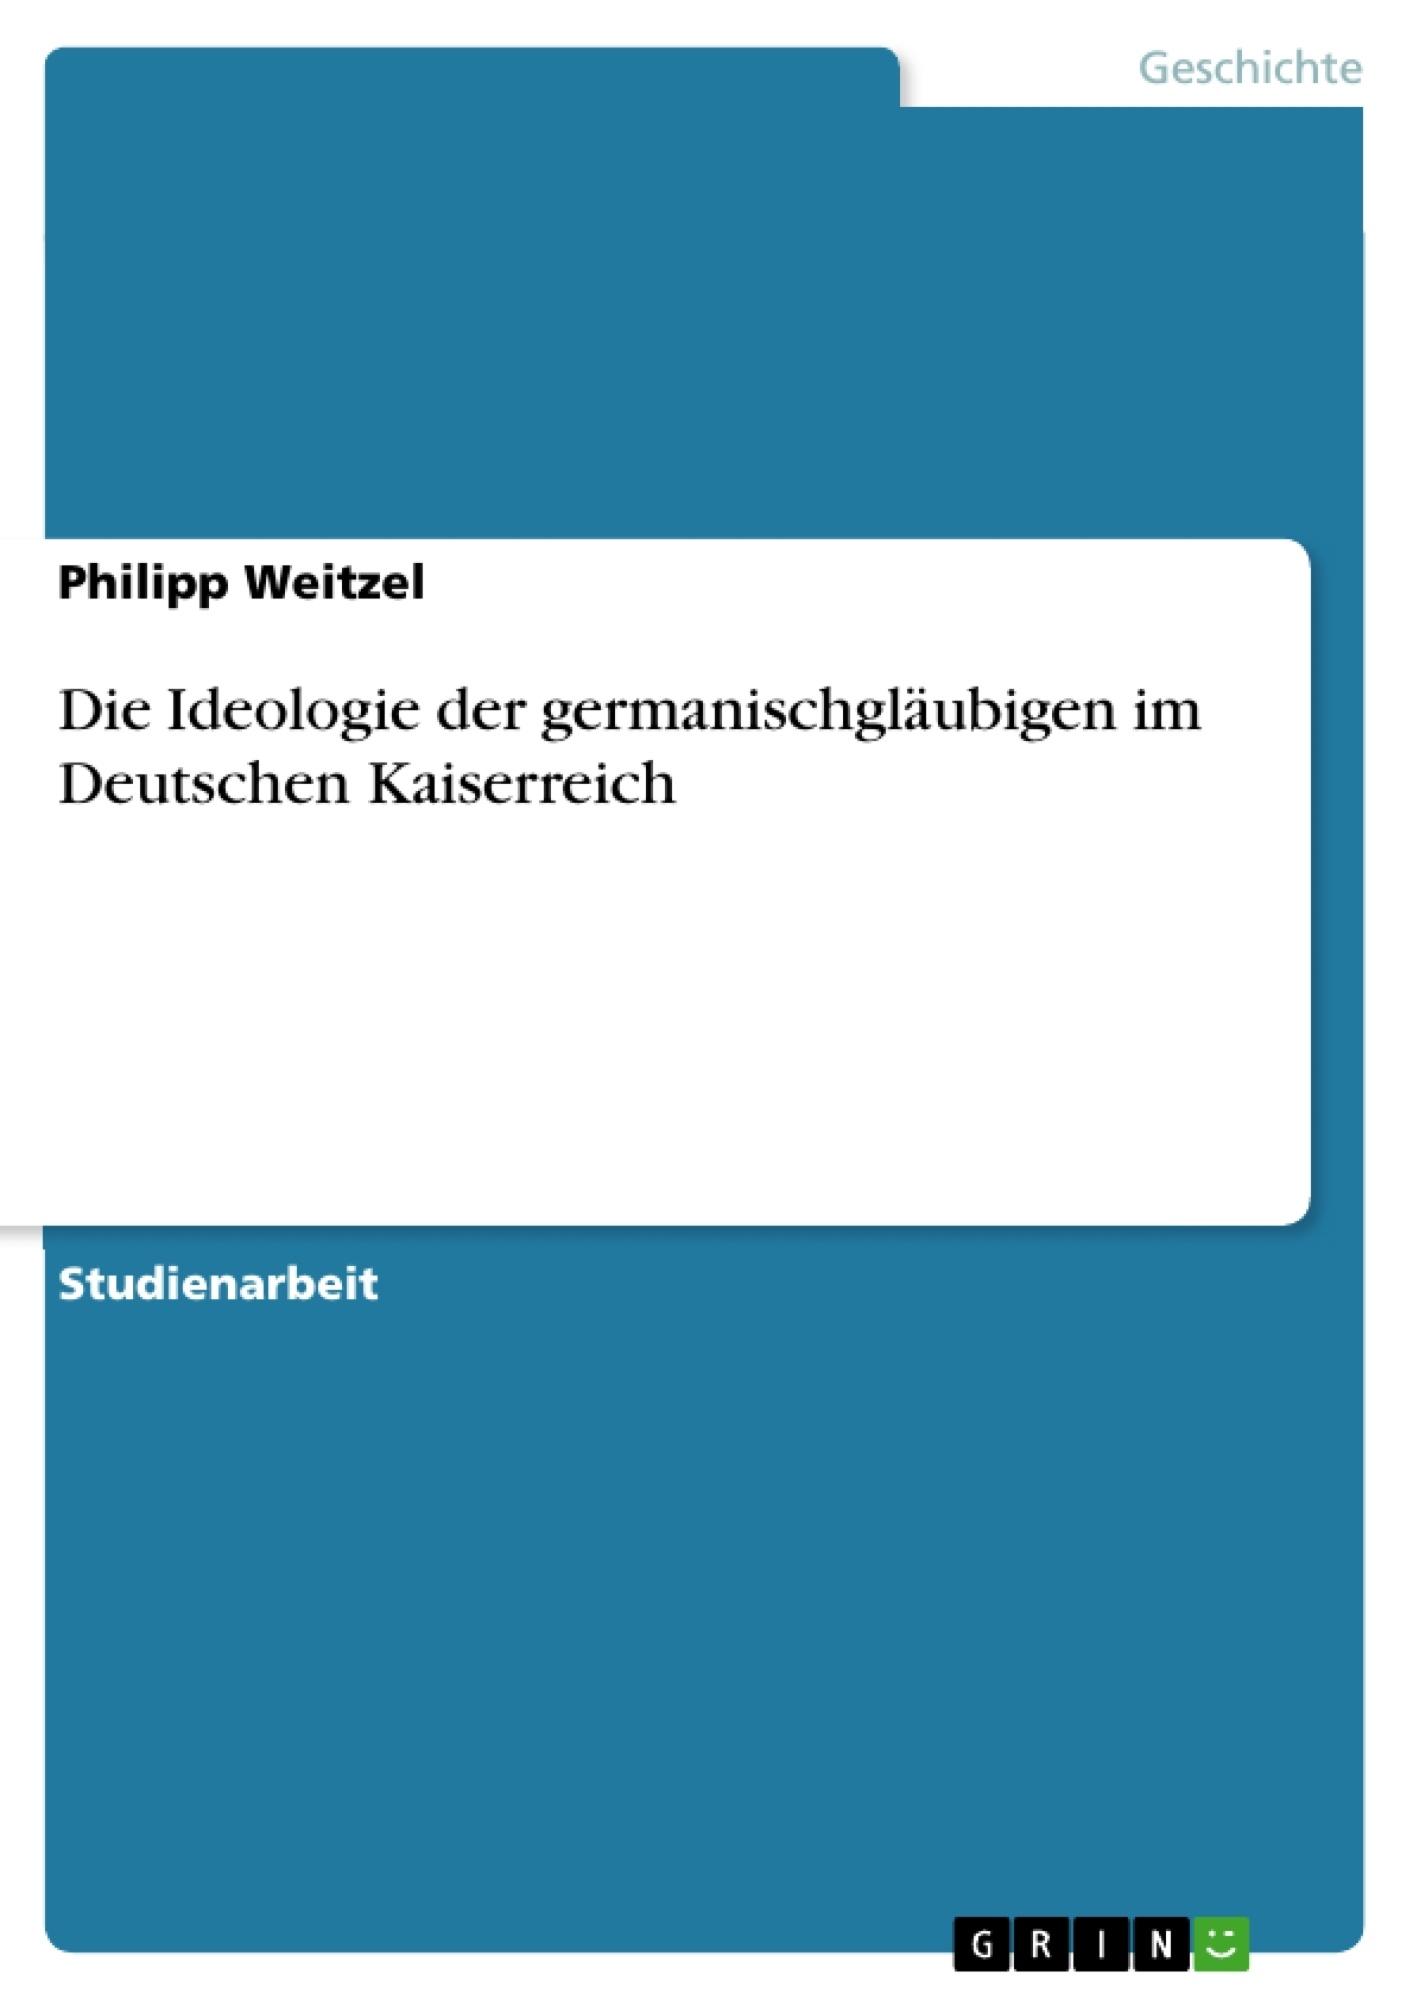 Titel: Die Ideologie der germanischgläubigen im Deutschen Kaiserreich